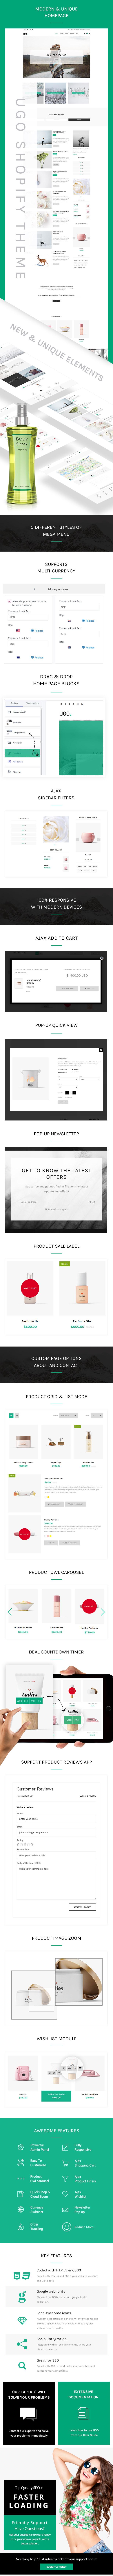 Ugo - Blog Shopify Theme - 1